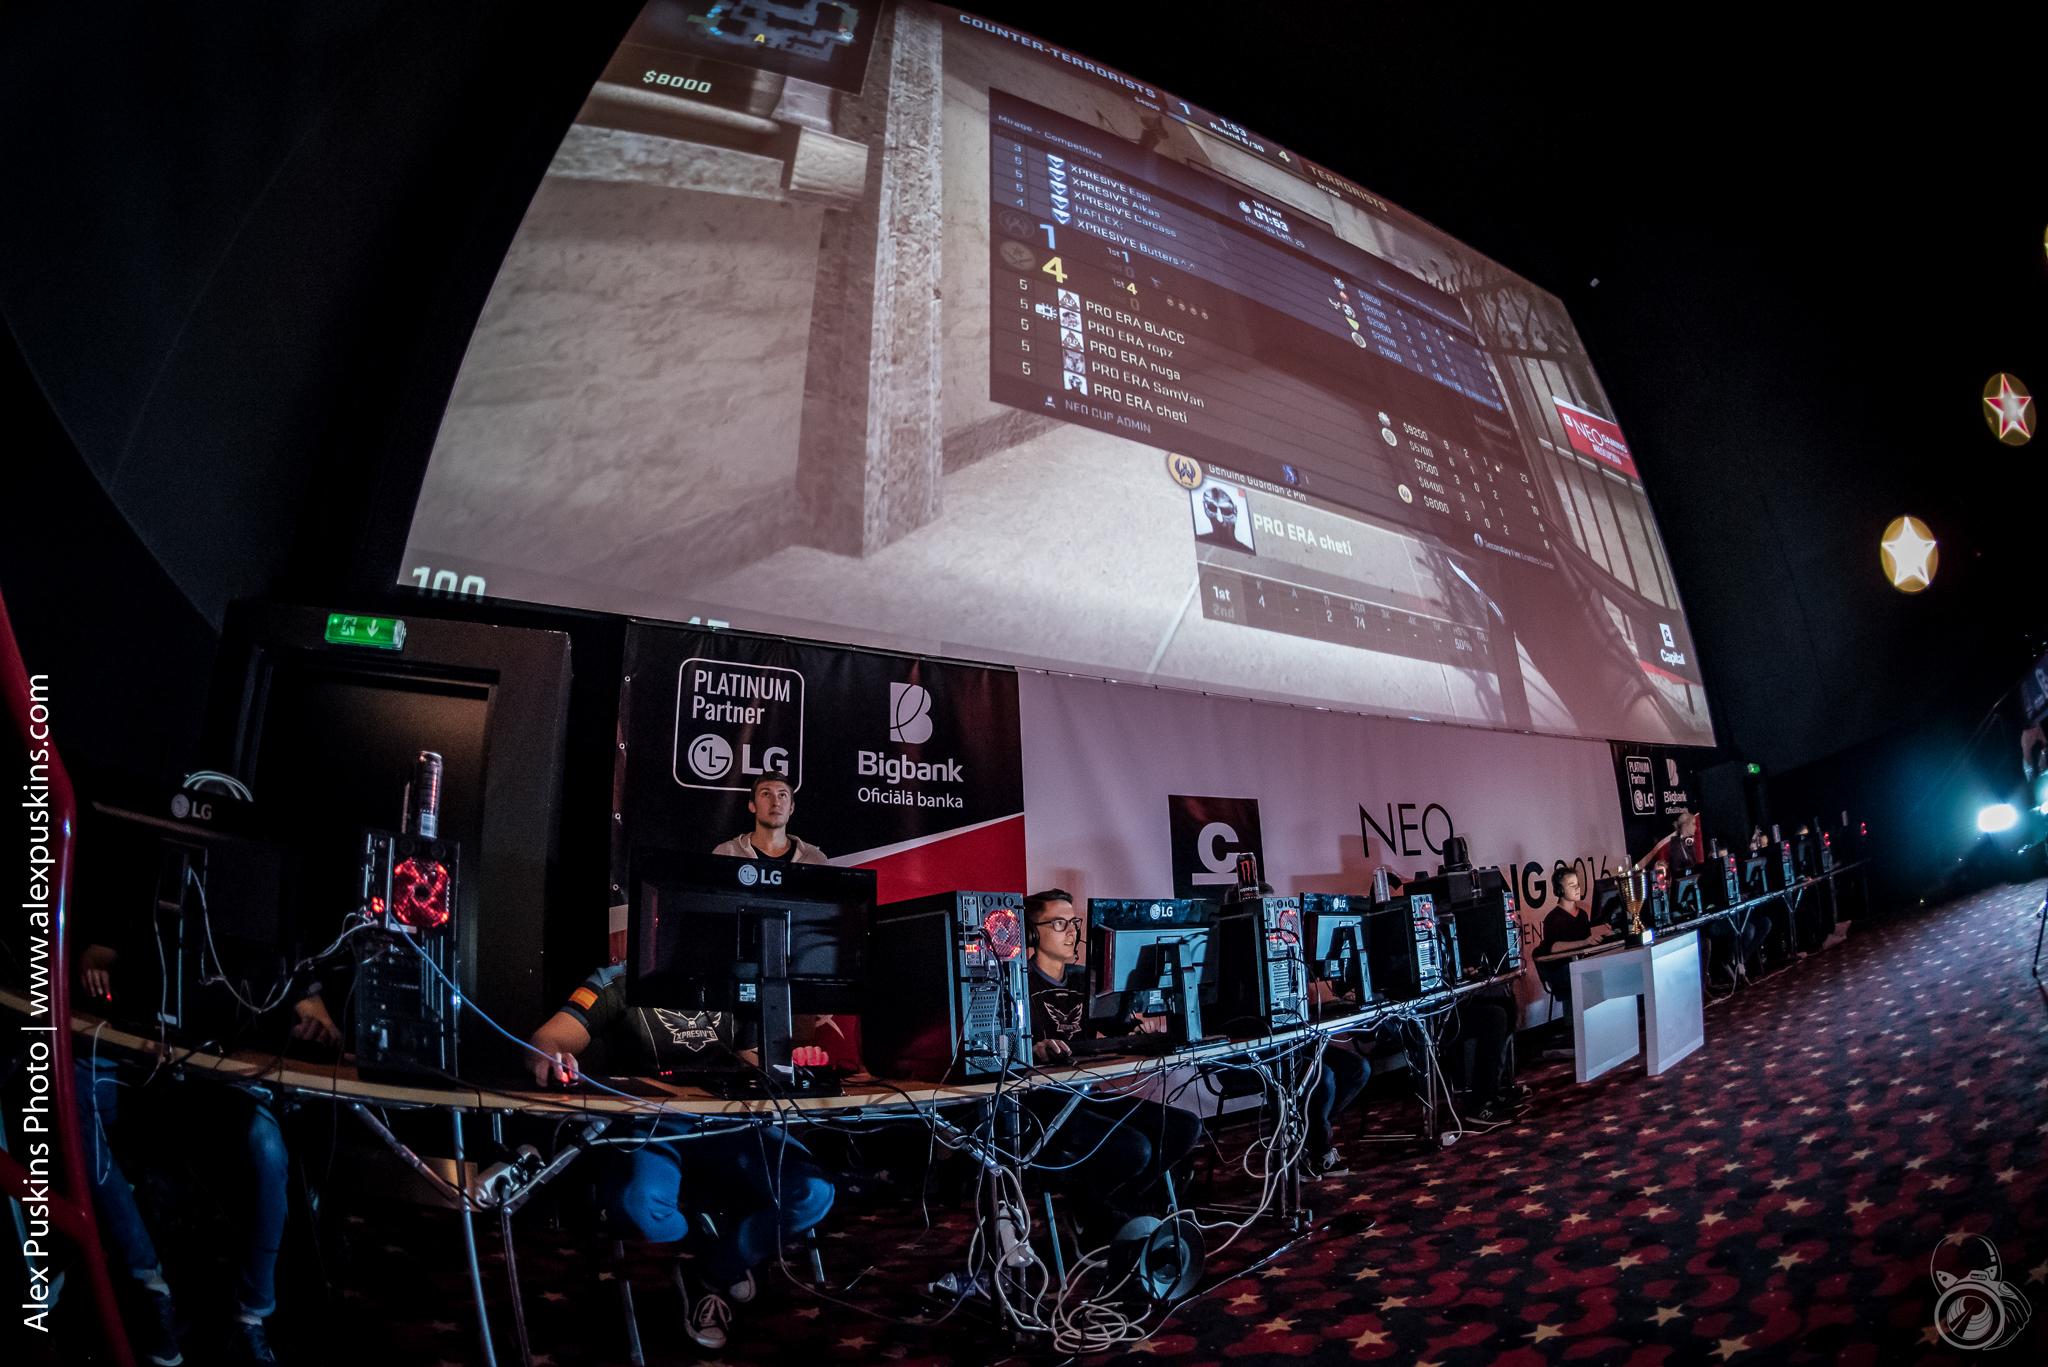 Интересные турниры про знаменитую игру Counter-Strike